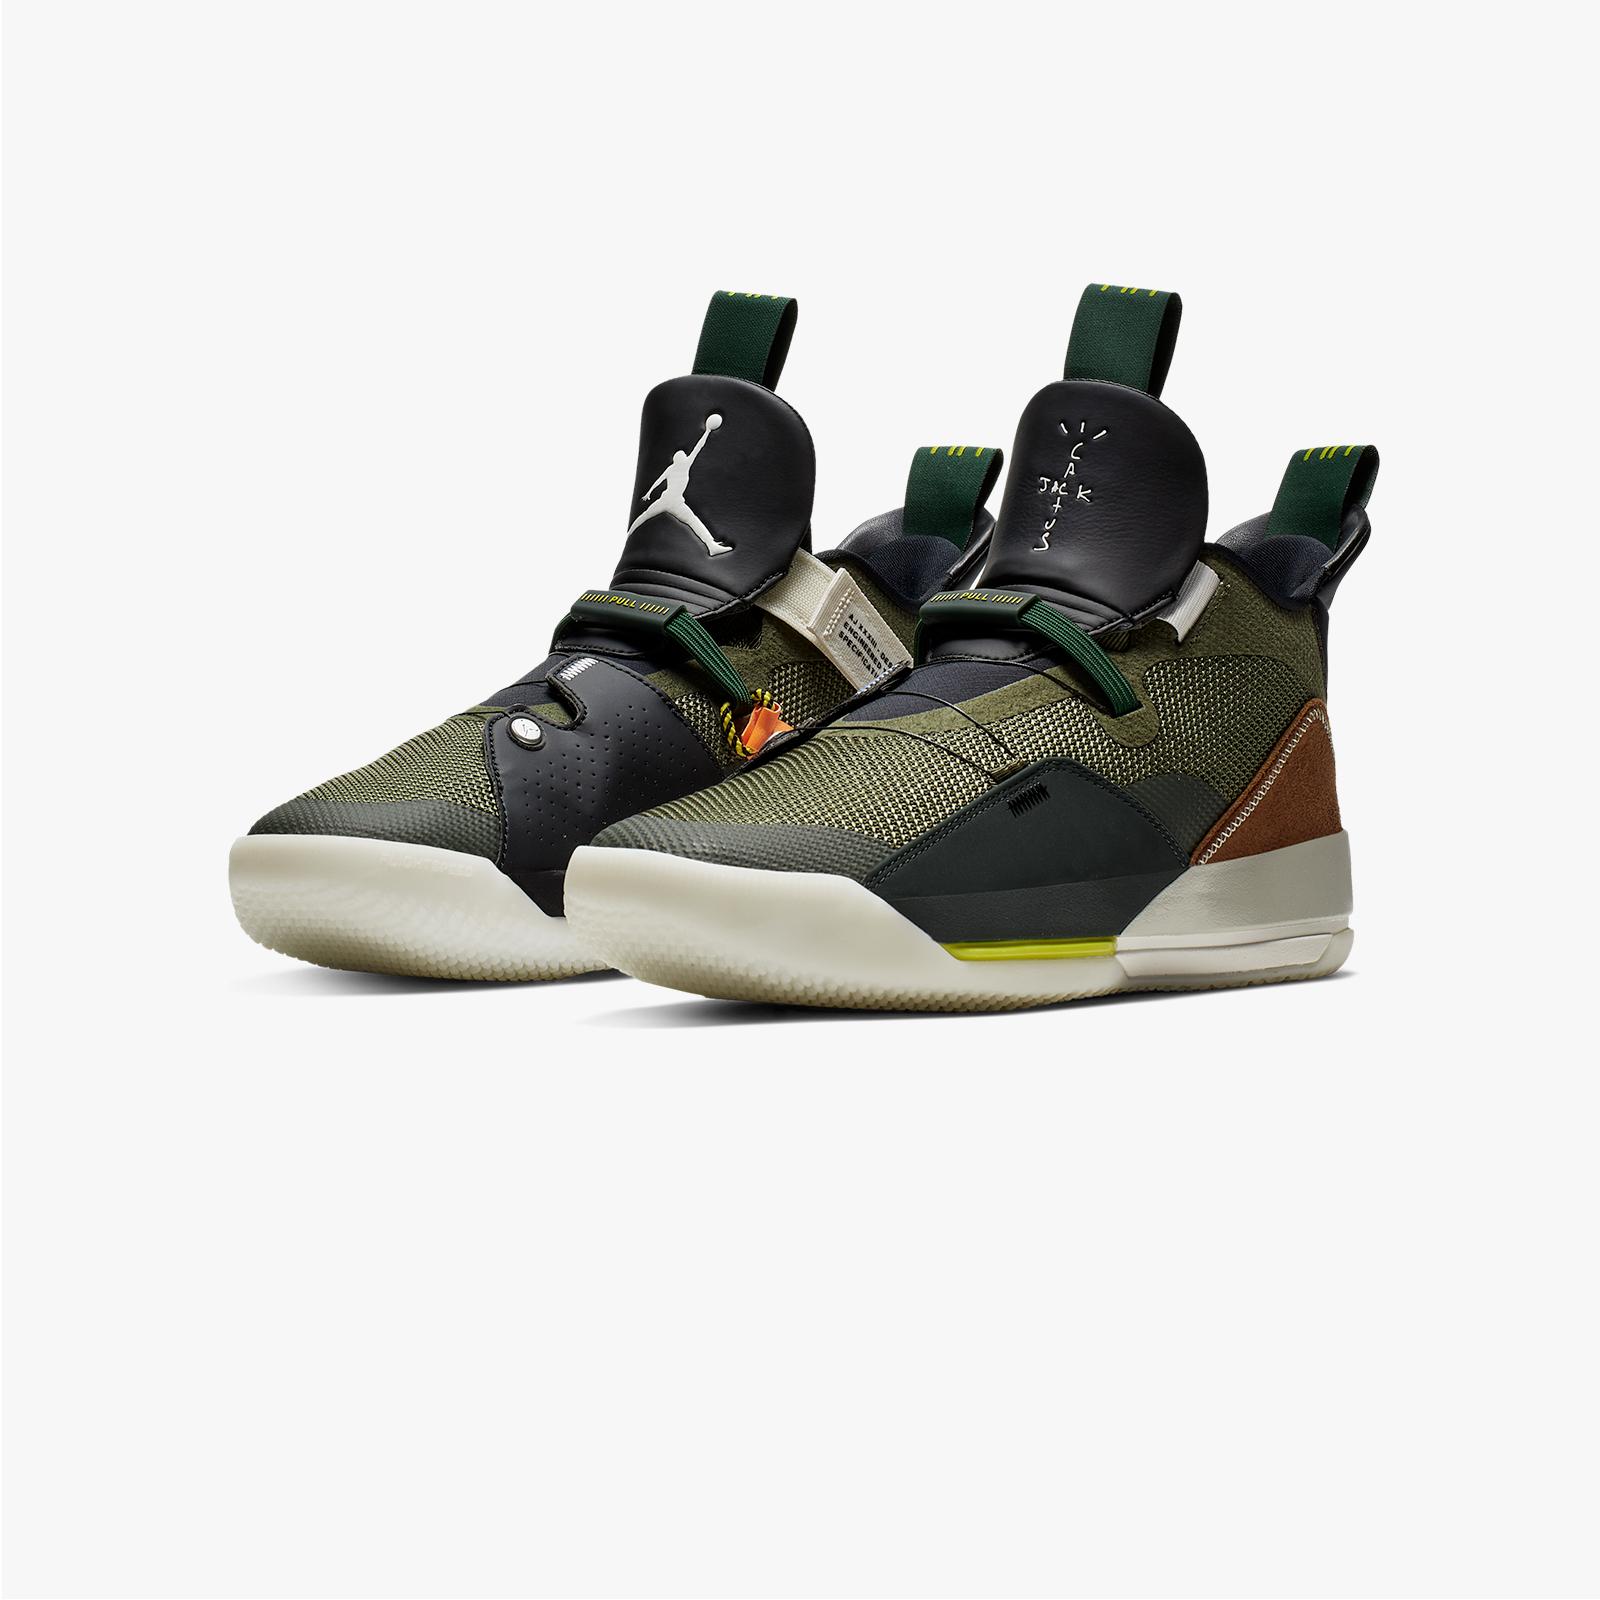 1a08764c80e2d1 Jordan Brand Air Jordan XXXIII - Cd5965-300 - Sneakersnstuff ...